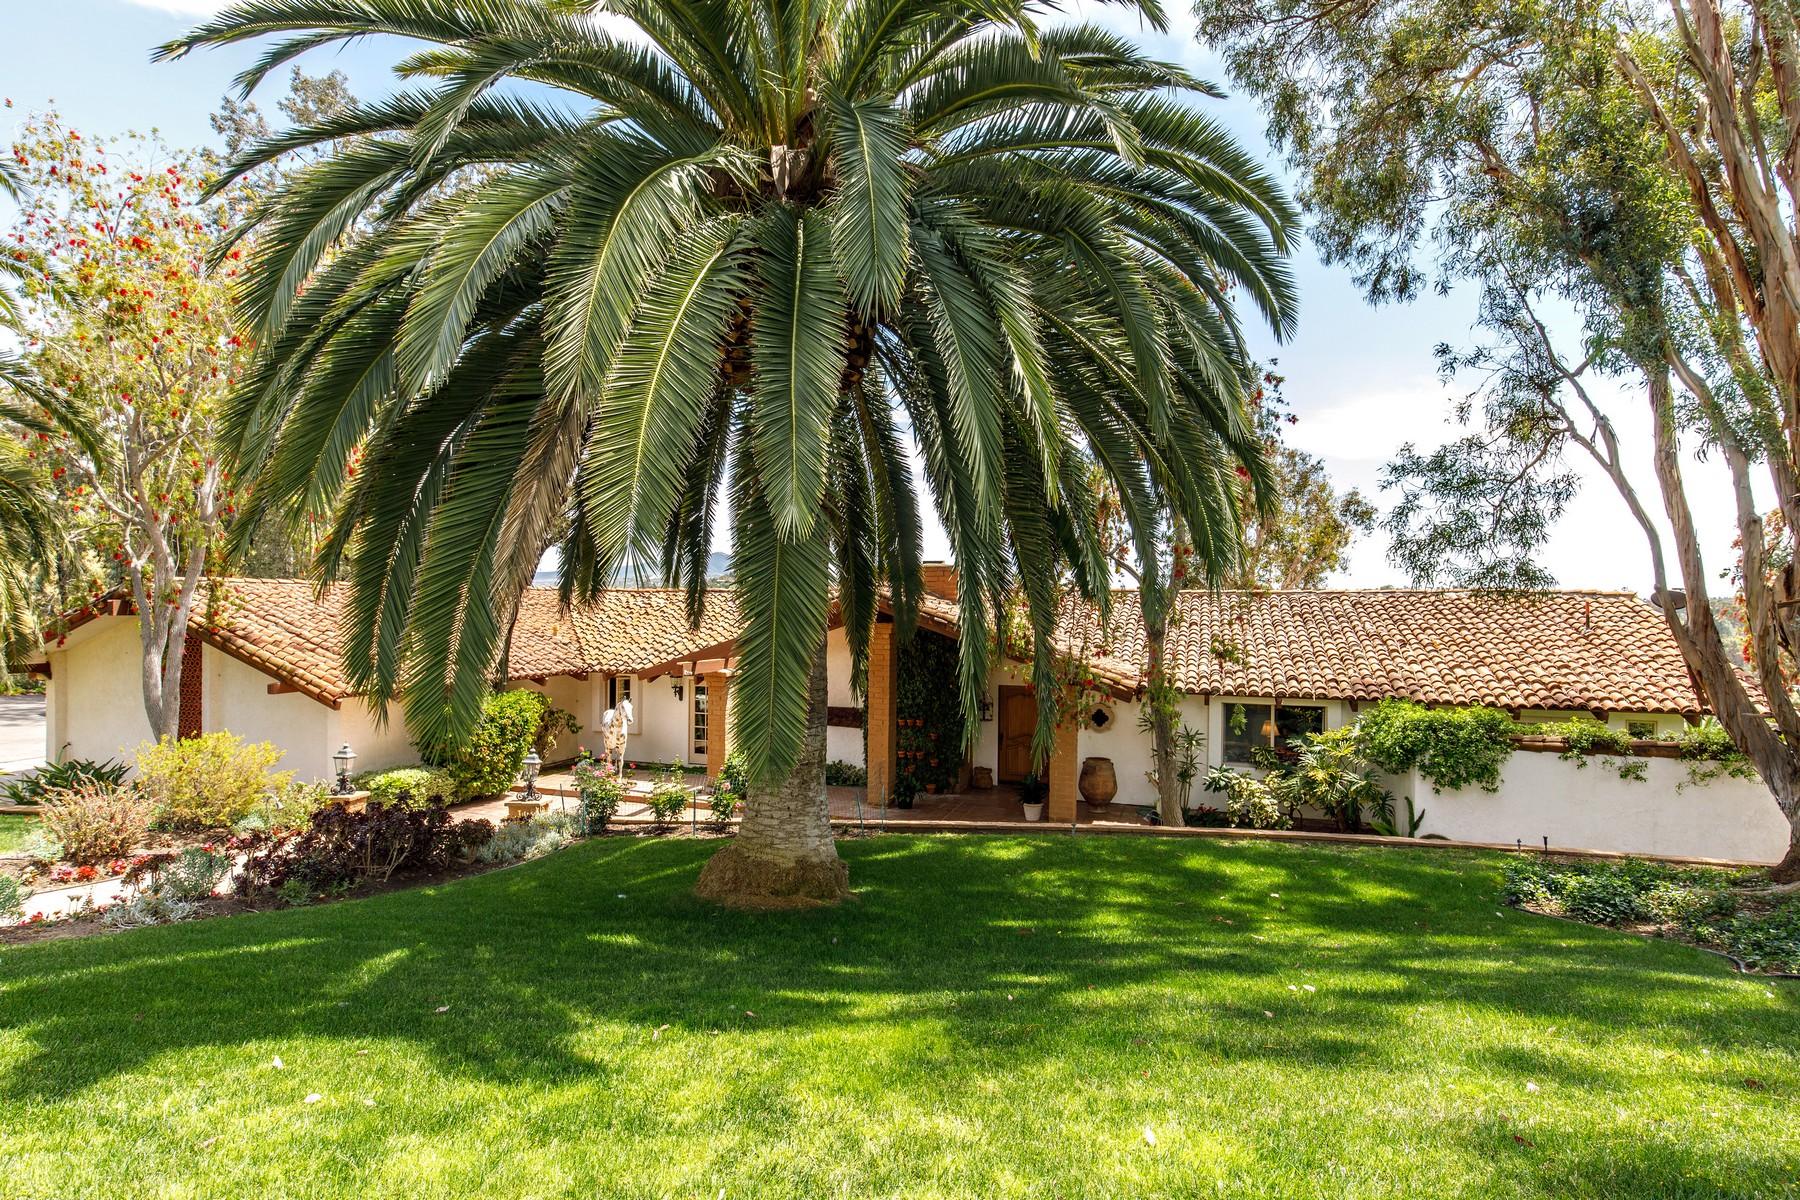 可出售的物业 Rancho Santa Fe